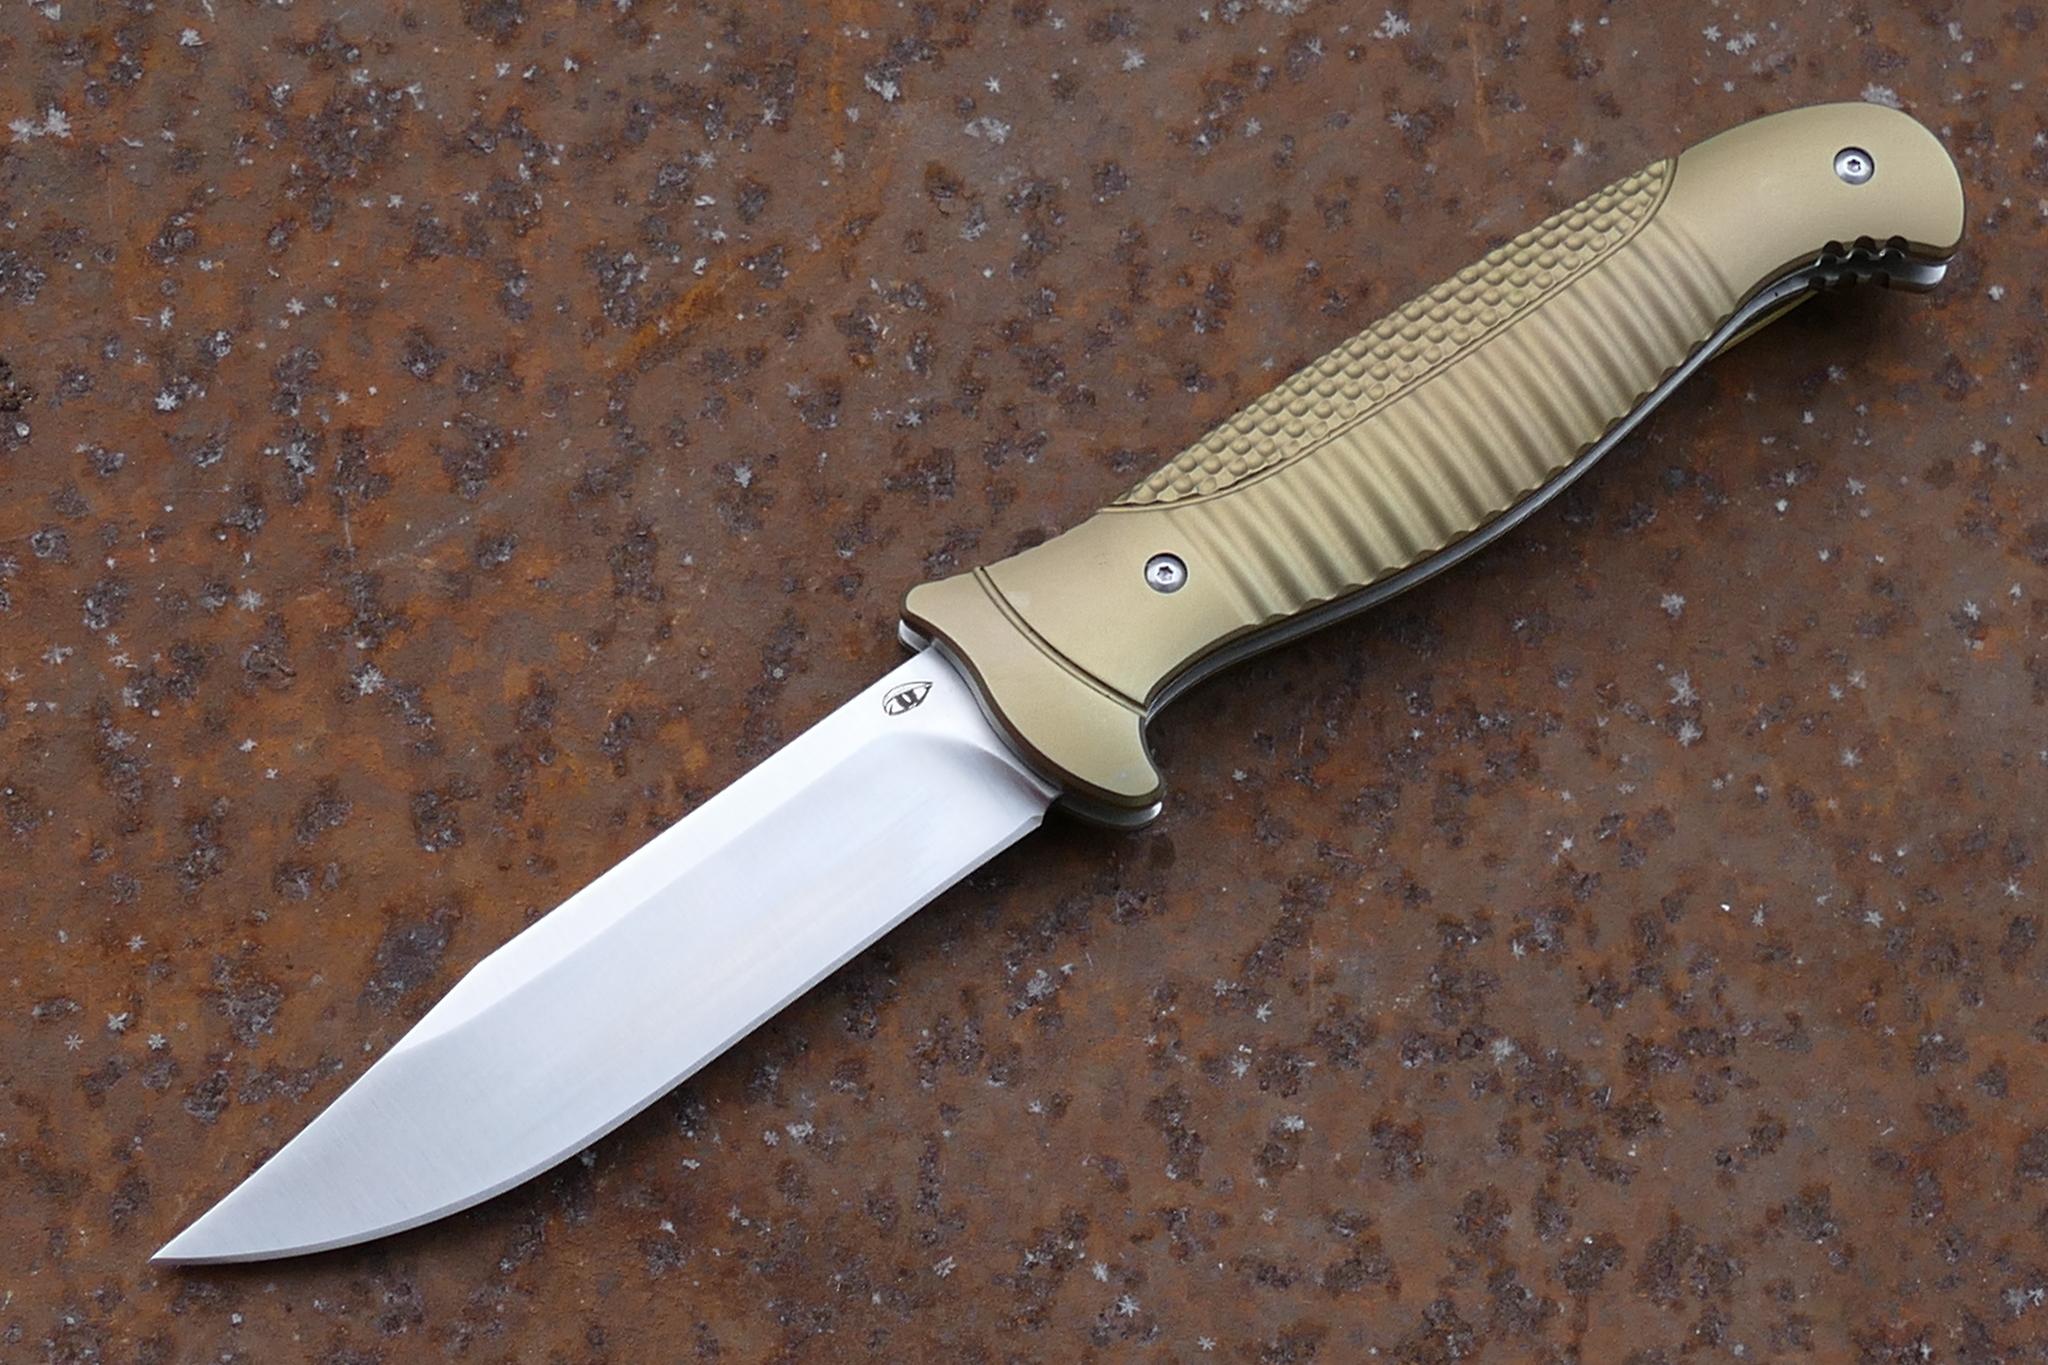 Складной нож Финка-2, S35VNРаскладные ножи<br>Складной нож Финка-2 S35VNРукоять и клипса: титановый сплав 6AL4VIKBS (шарикоподшипниковая система)каждый нож имеет свой номерДизайн Рогожкин Андрей<br>